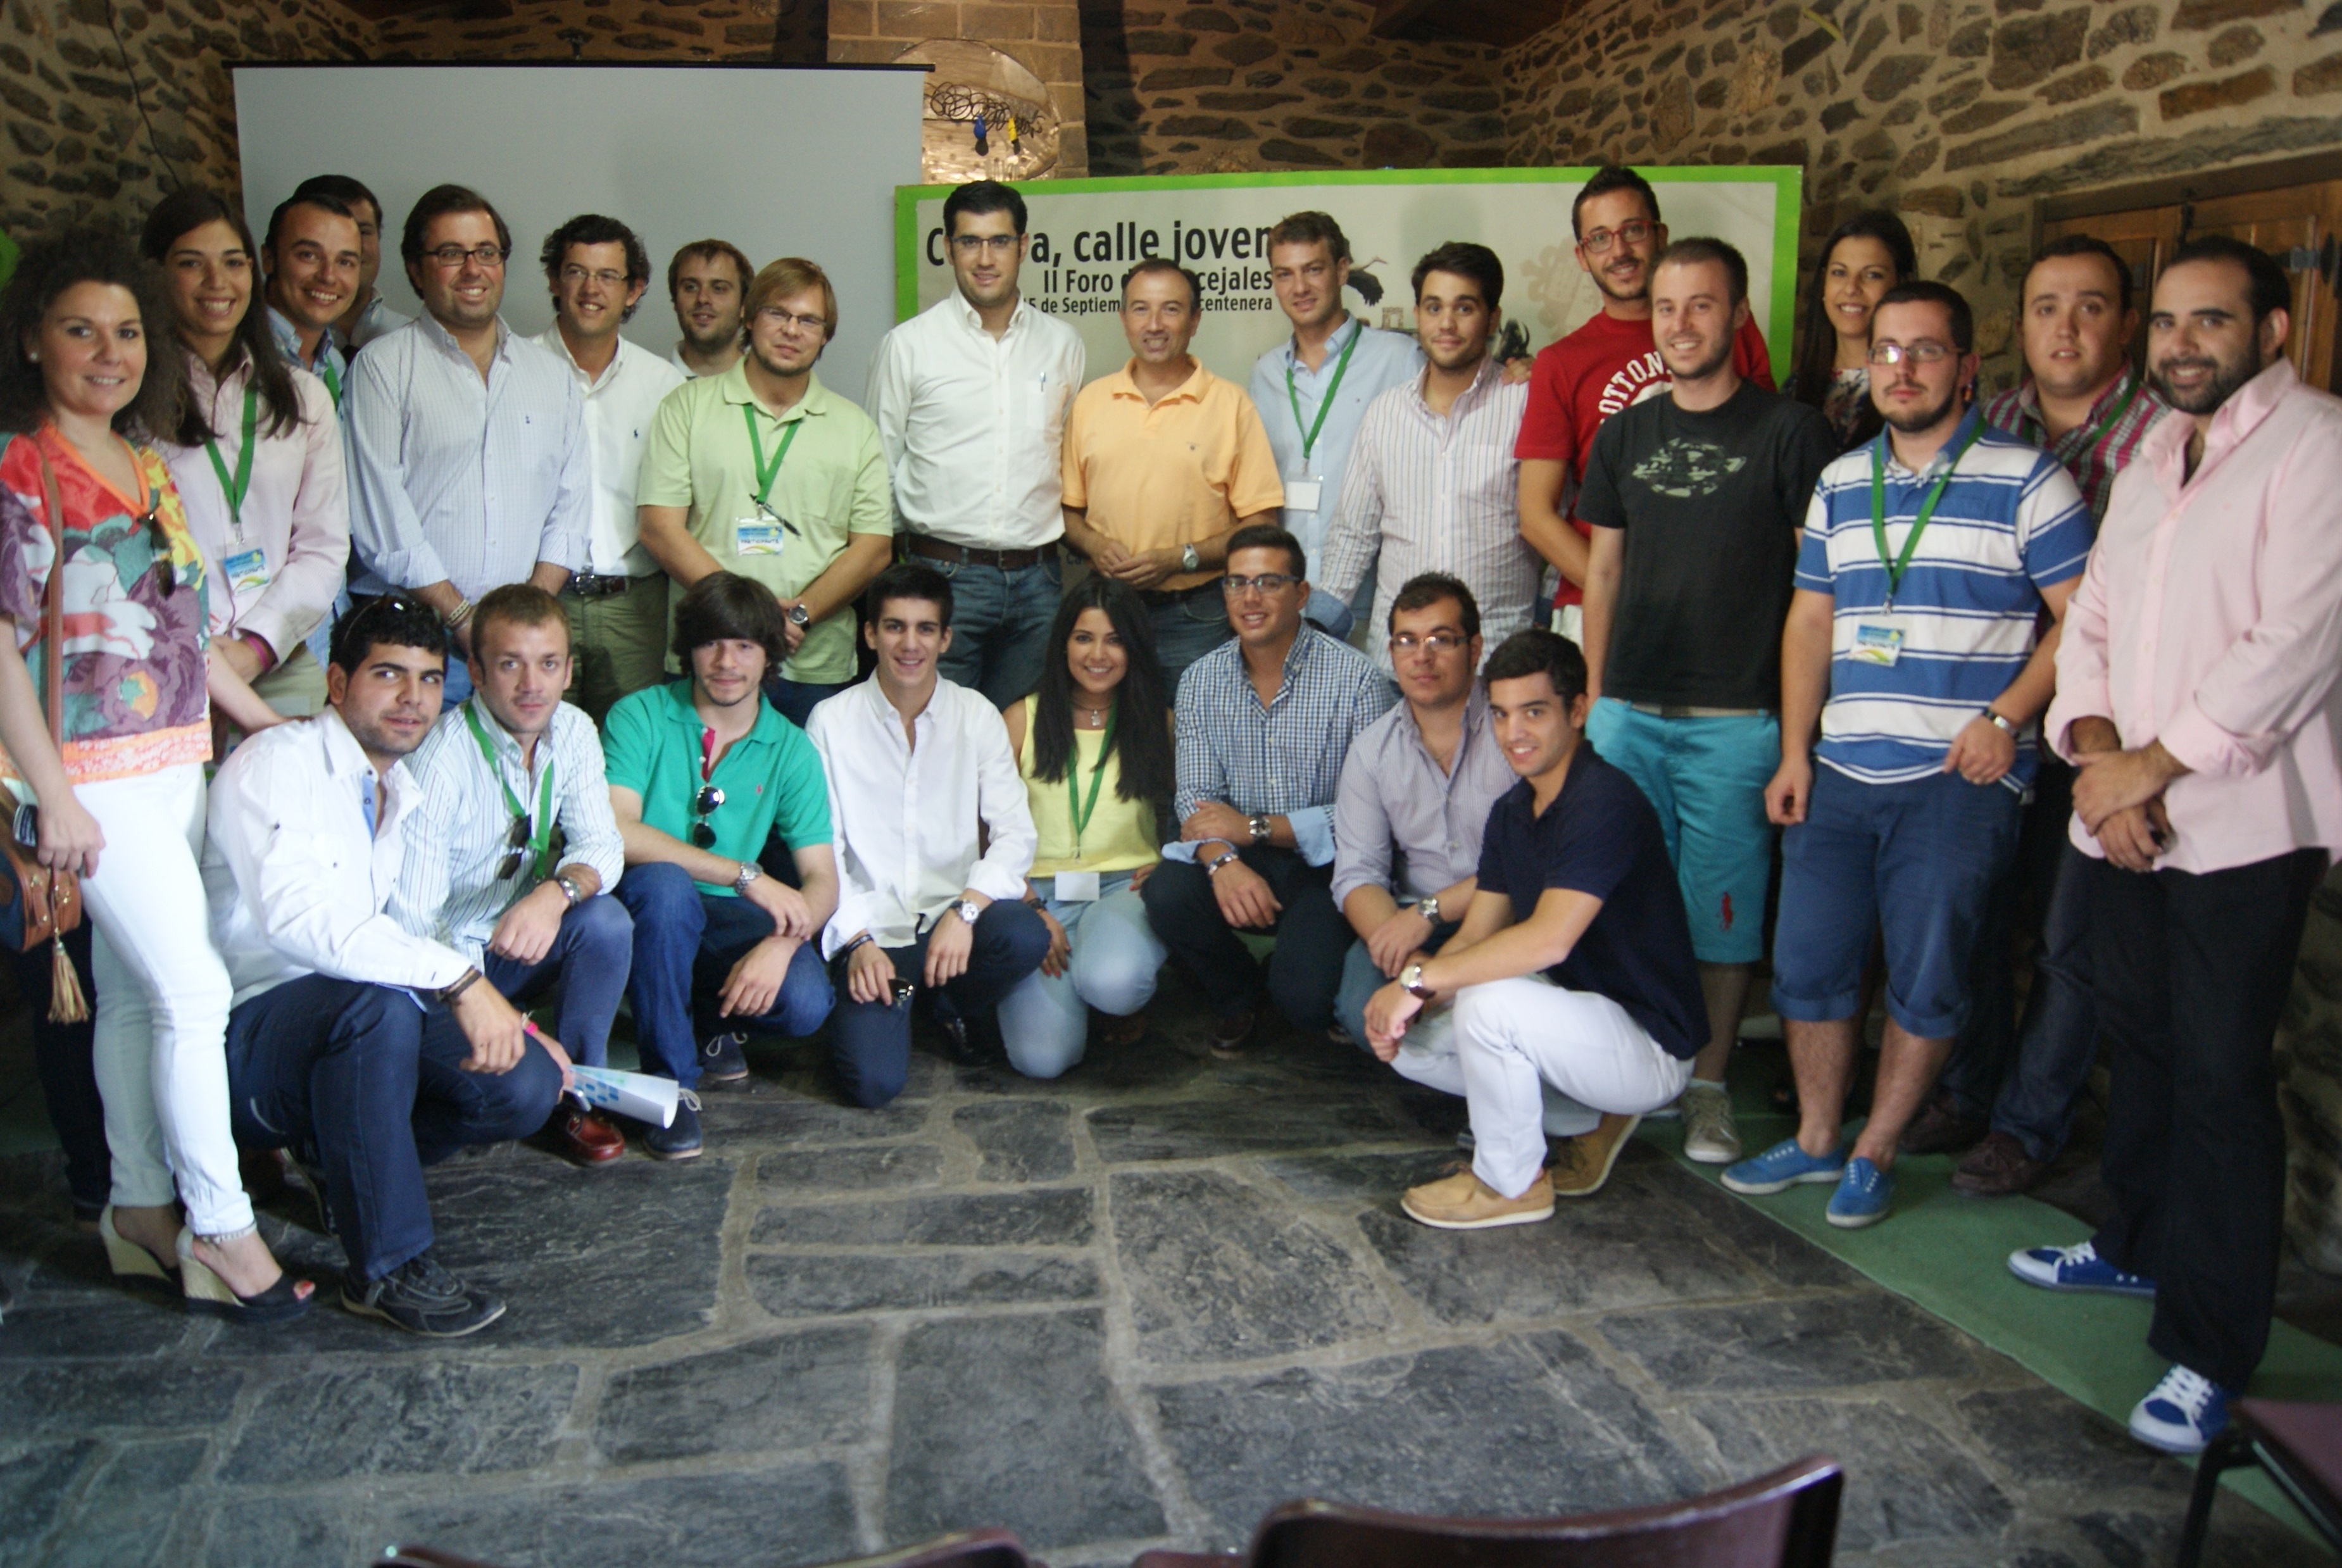 Laureano León anima a los jóvenes 'populares' a que transmitan el proyecto del PP desde la «eficacia y honradez»